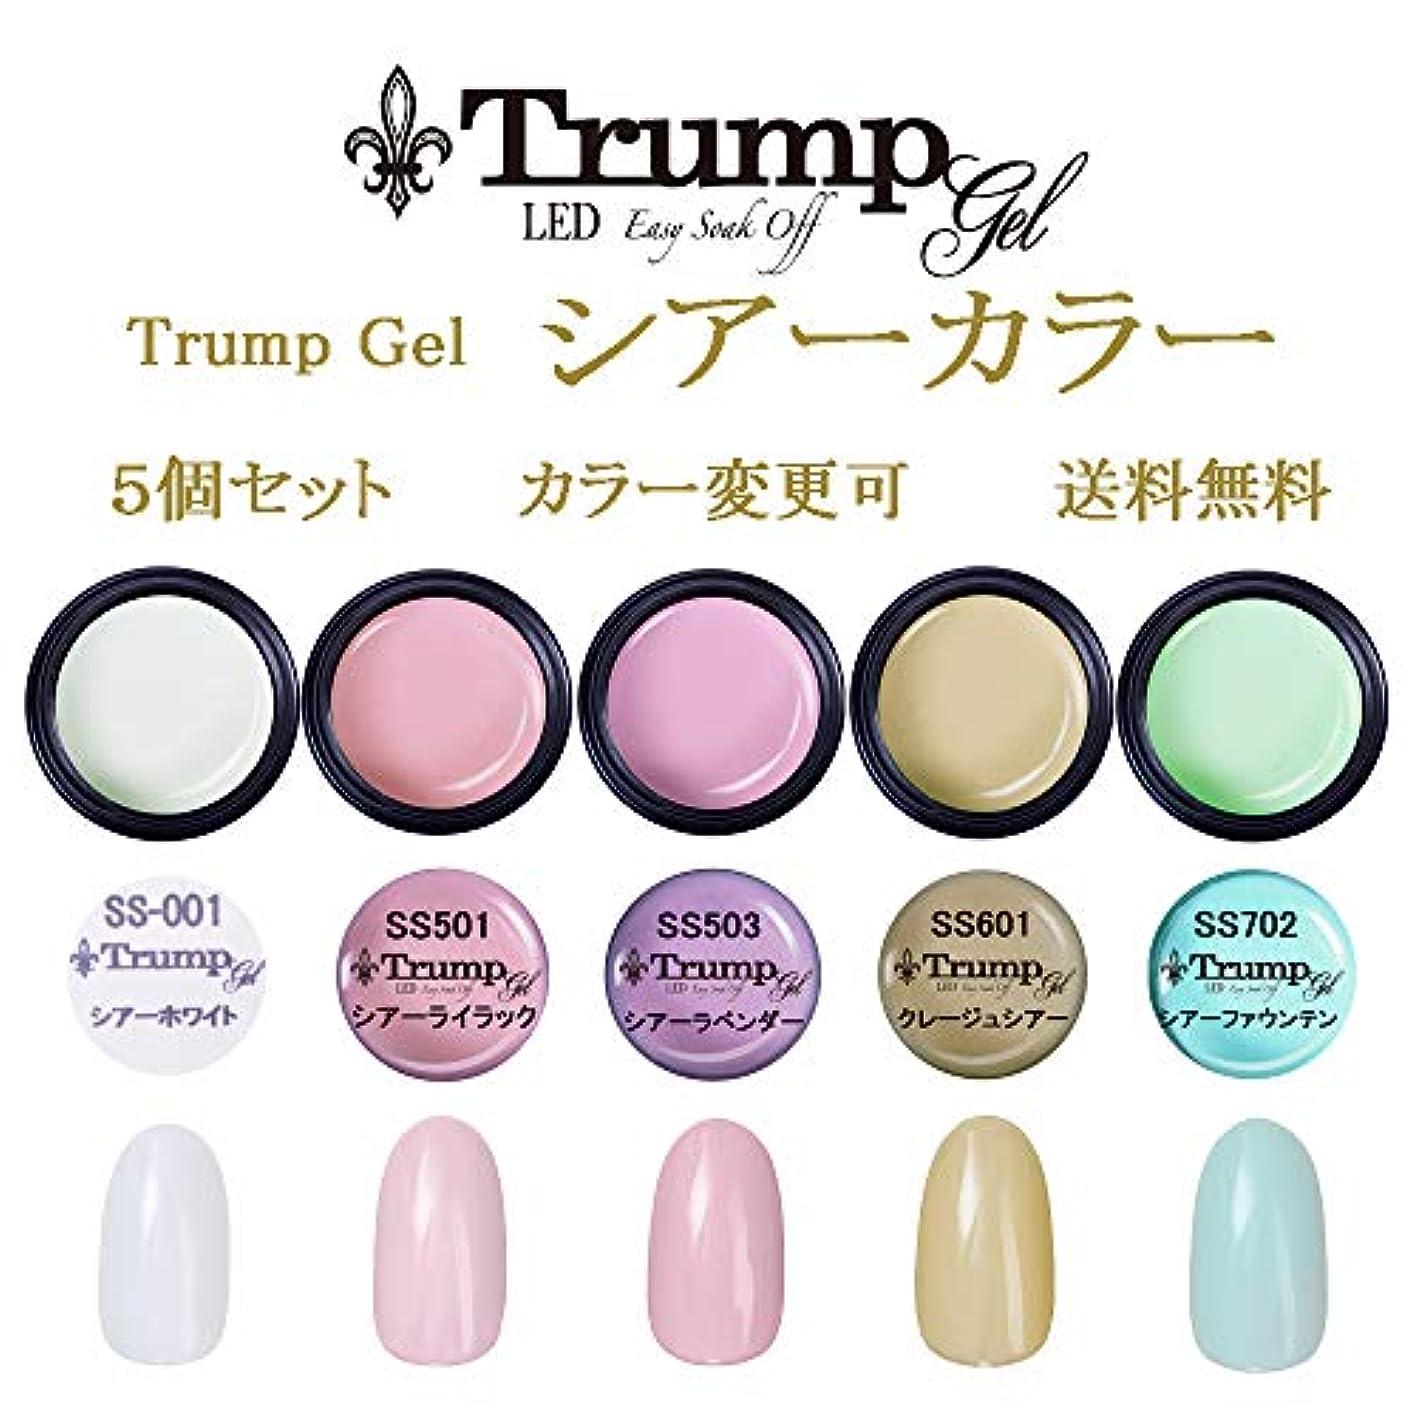 サイバースペースラケットの面では日本製 Trump gel トランプジェル シアー カラージェル 選べる 5個セット ホワイト ピンク パープル イエロー ブルー